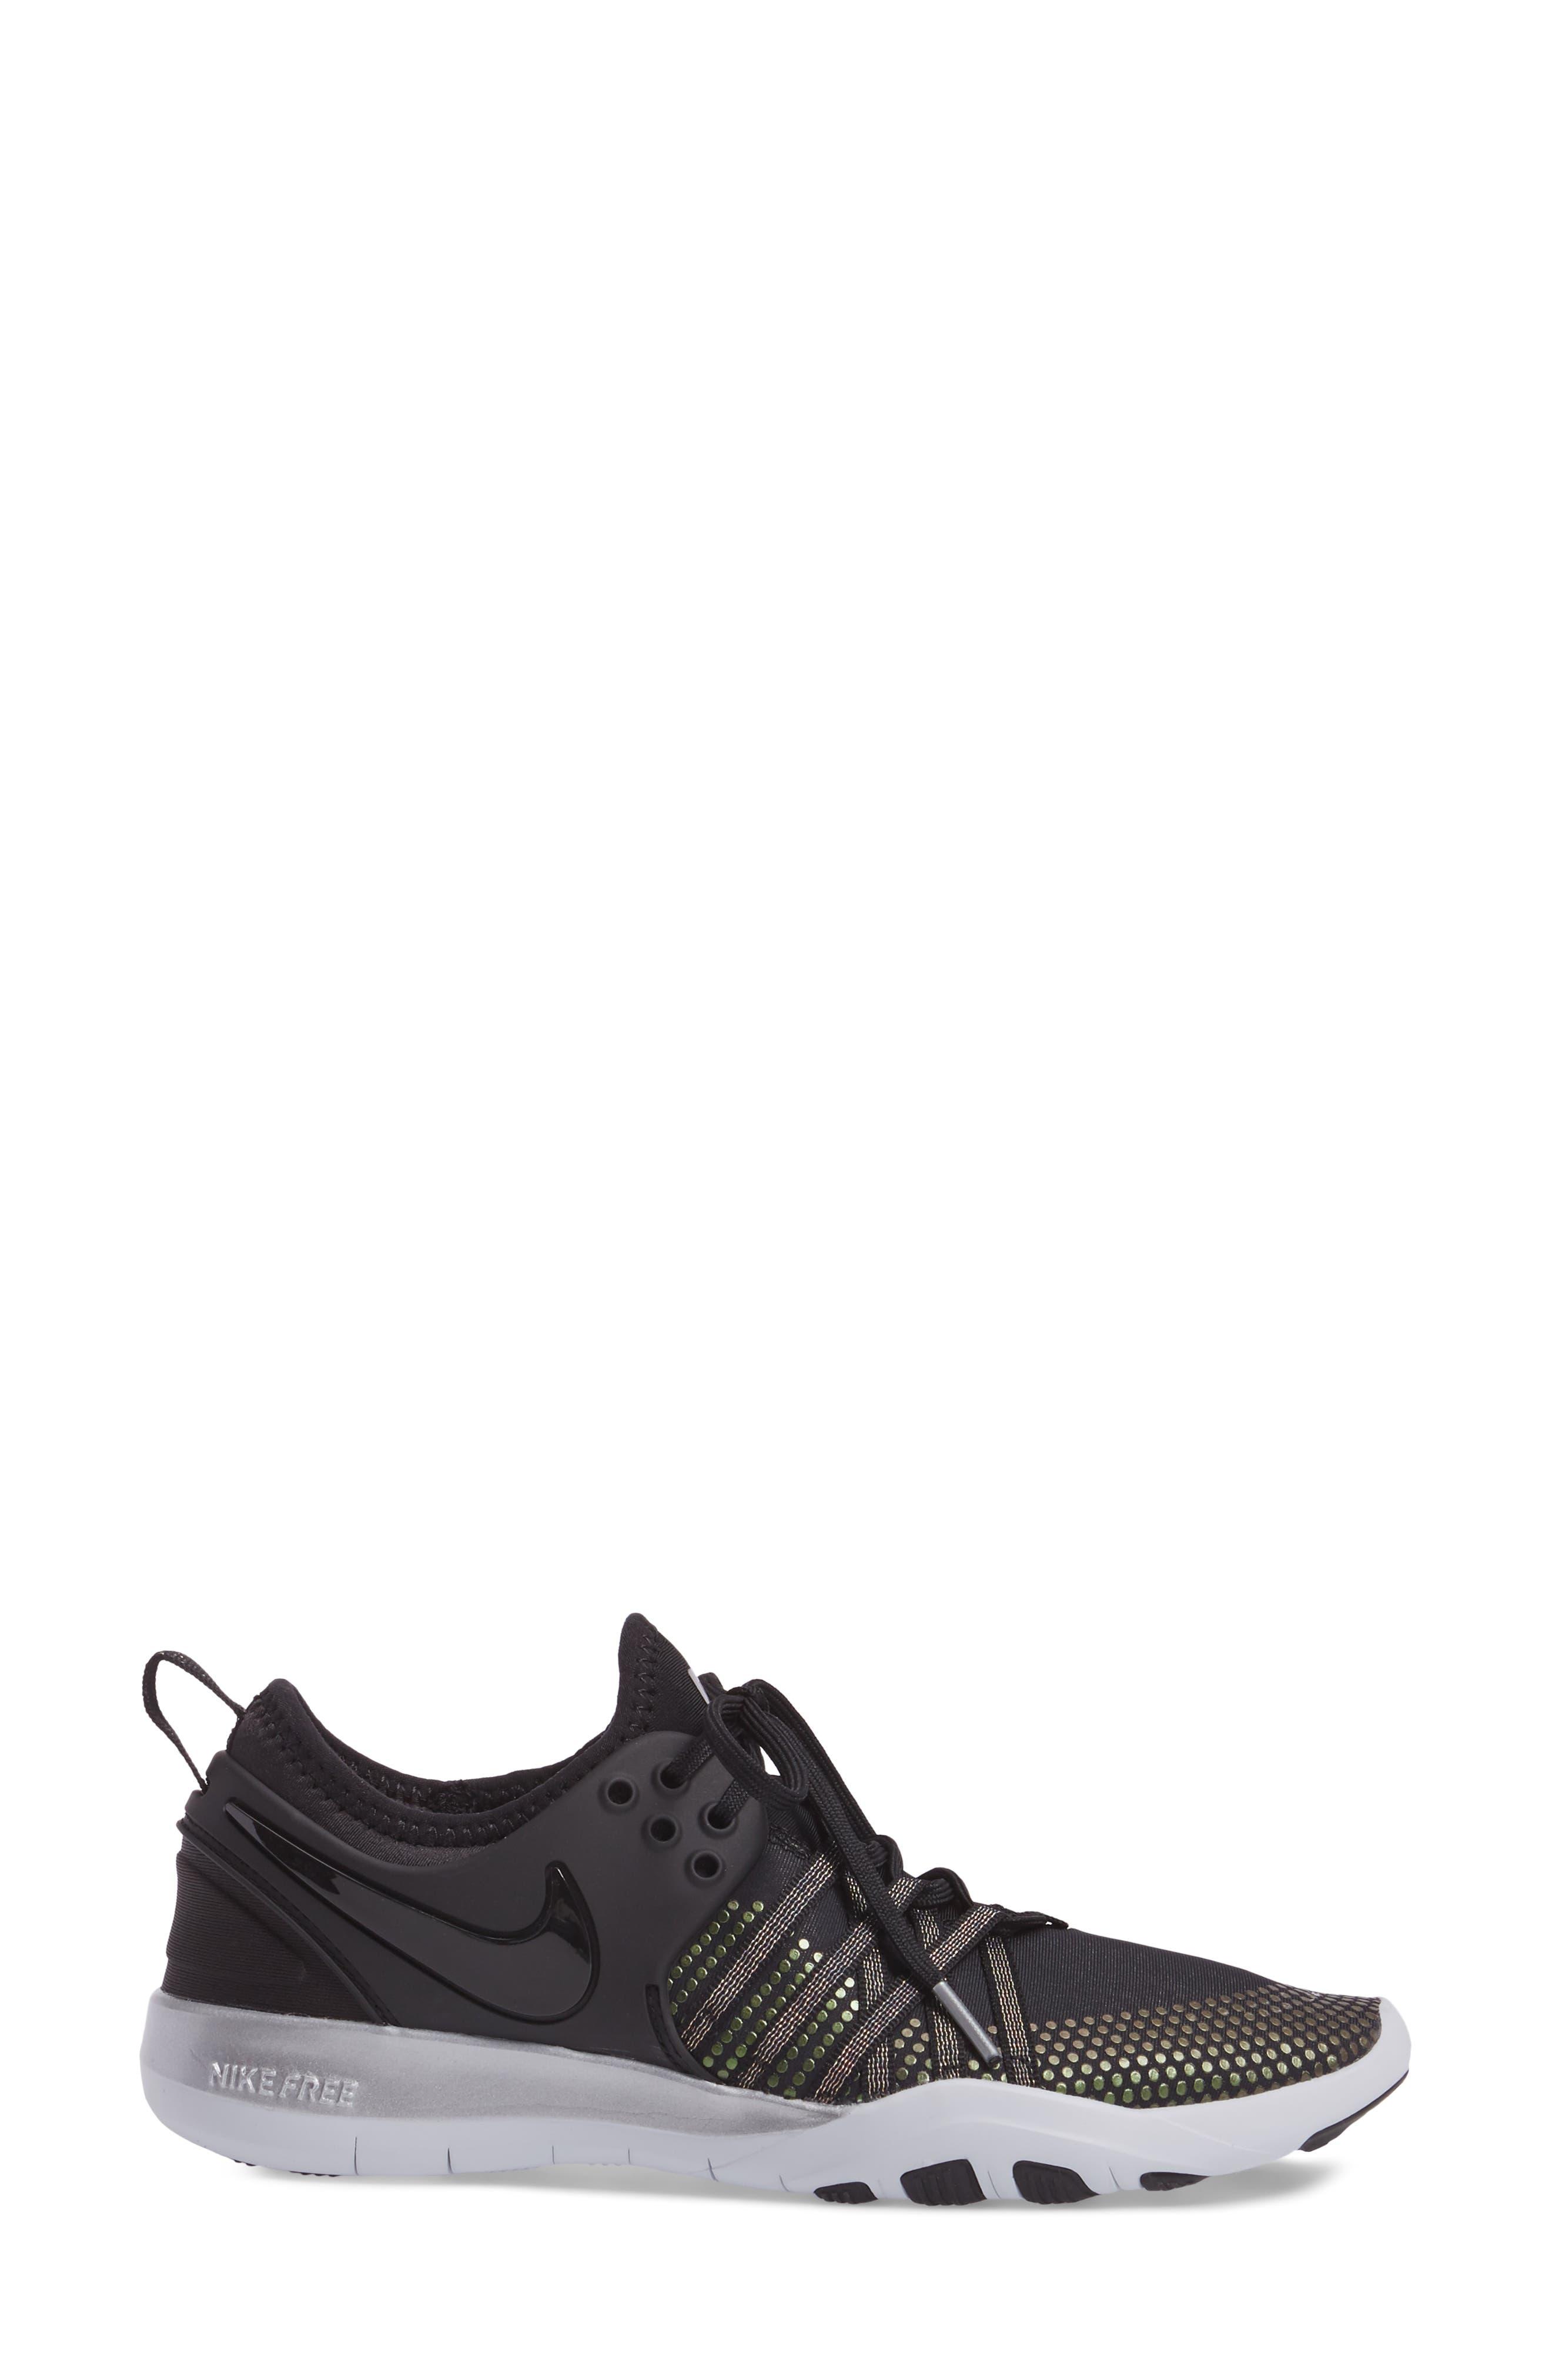 Free TR 7 Metallic Training Shoe,                             Alternate thumbnail 3, color,                             Black/ Black/ Pure Platinum